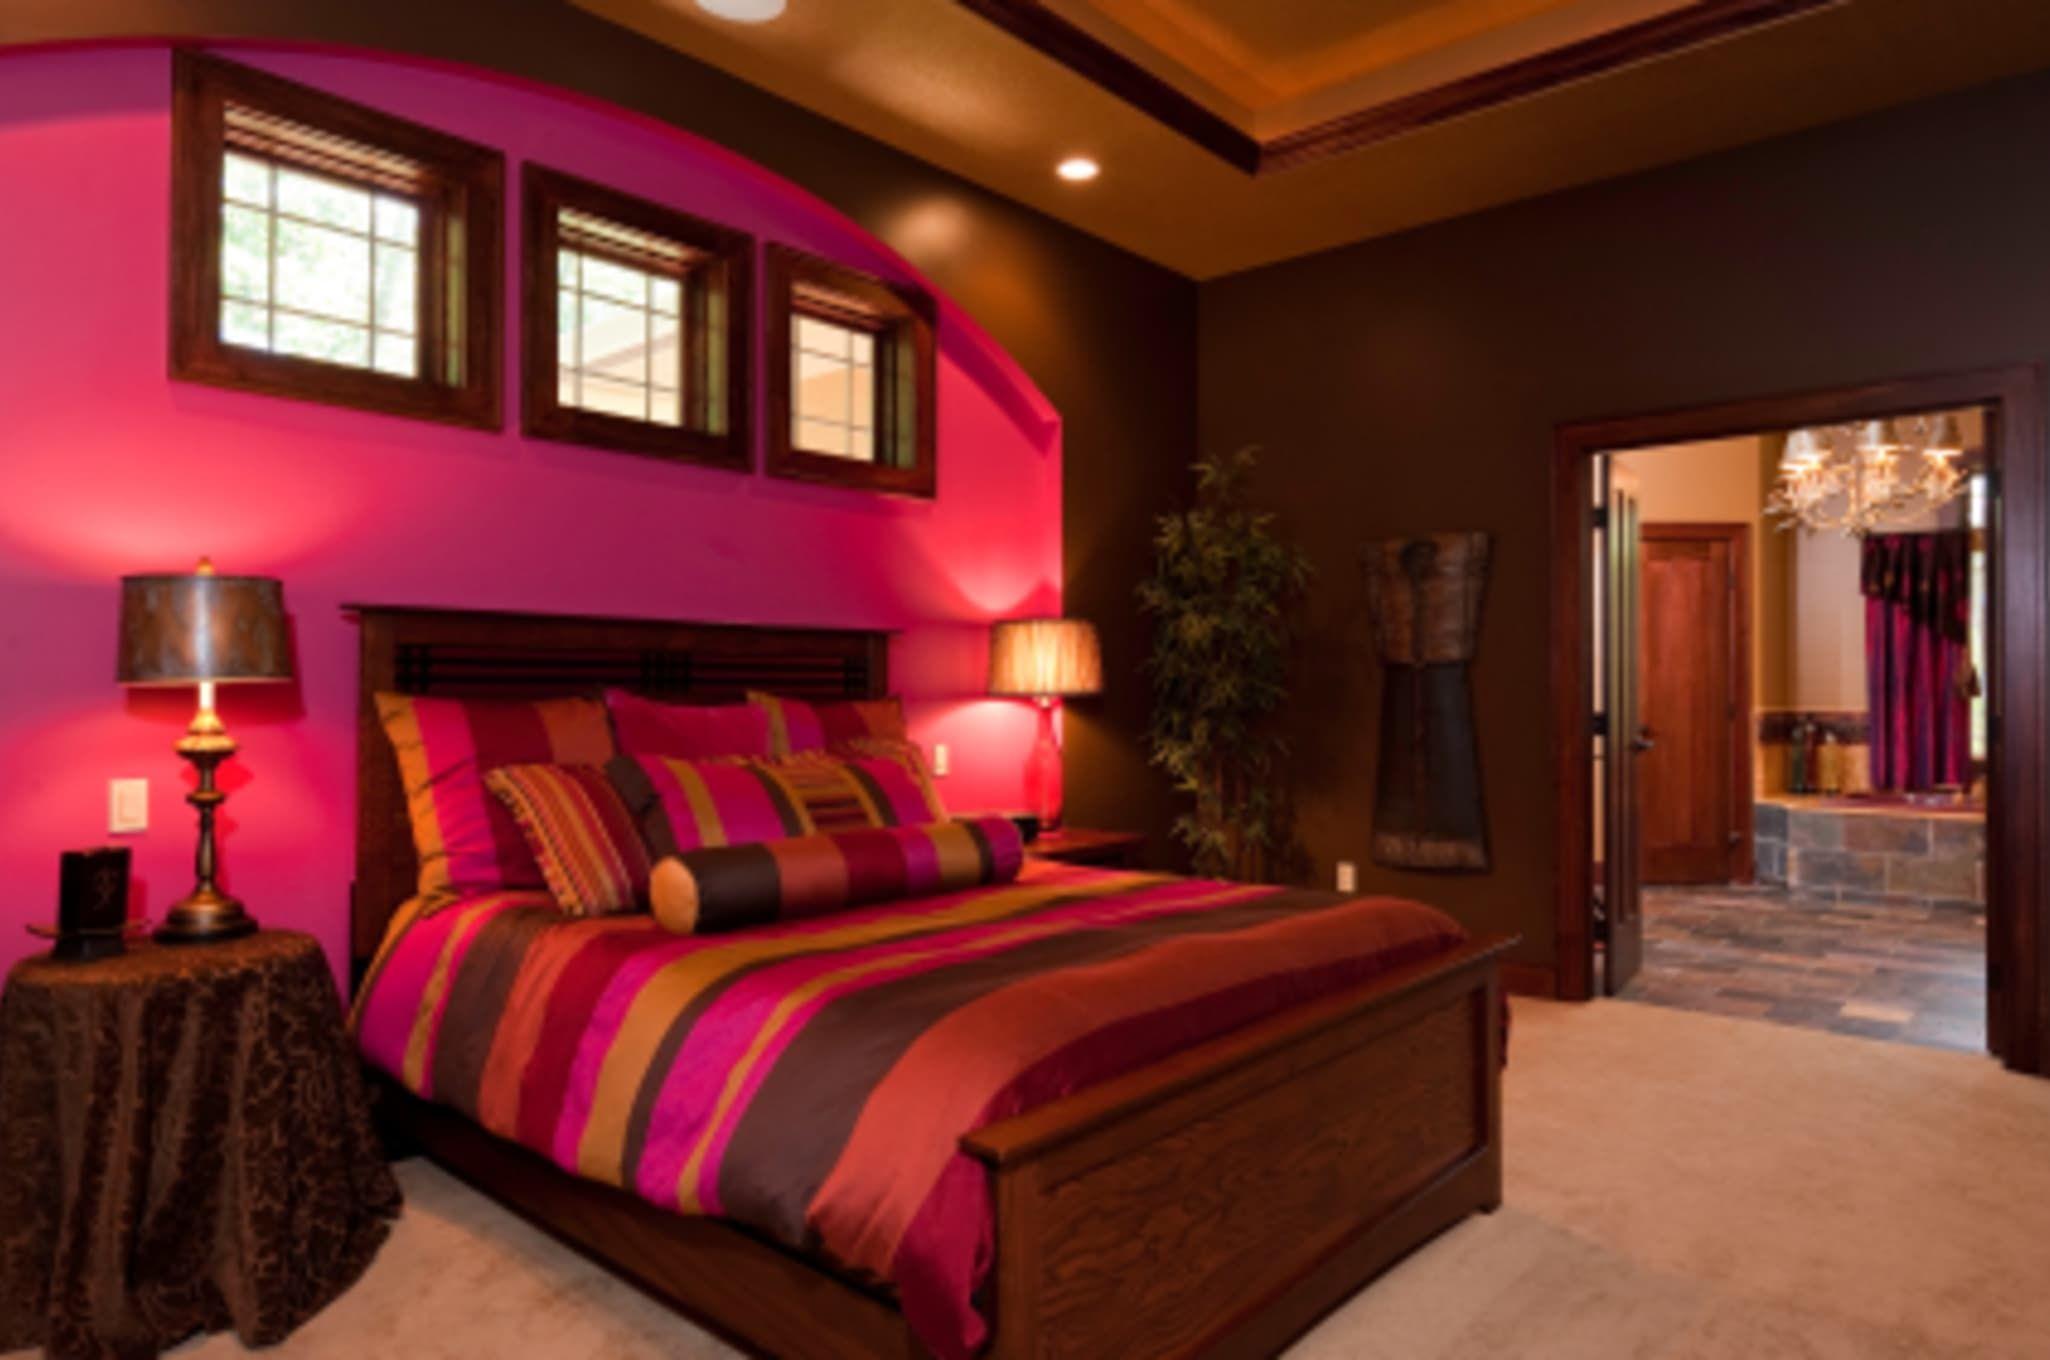 Red Yellow Orange Themes Purple Bedroom Decor Room